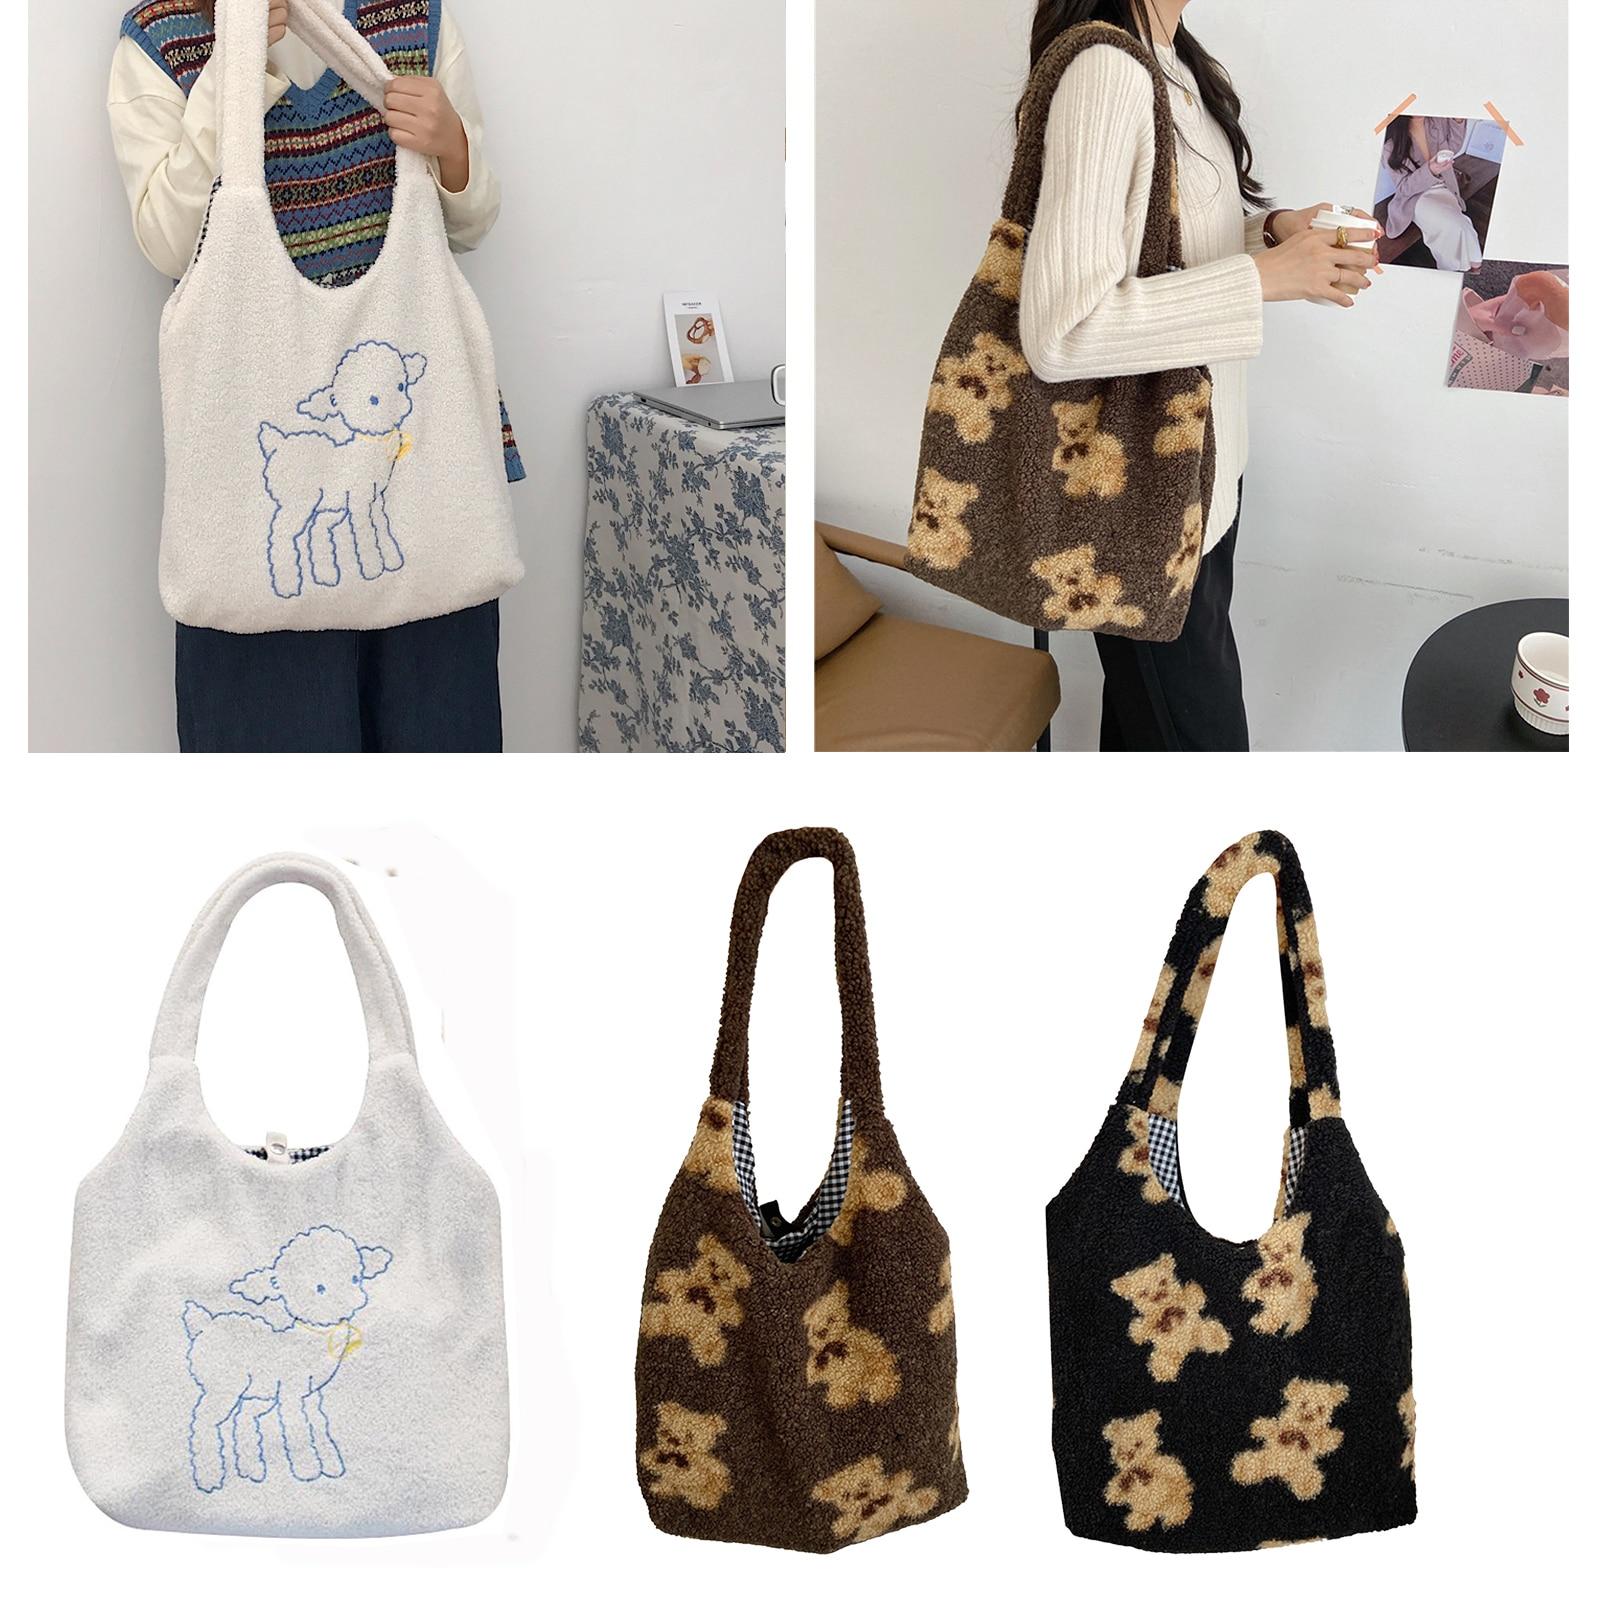 패브릭 숄더 토트 백 대용량 소프트 쇼핑 가방 여자 귀여운 학교 가방 여성 플러시 베어 핸드백